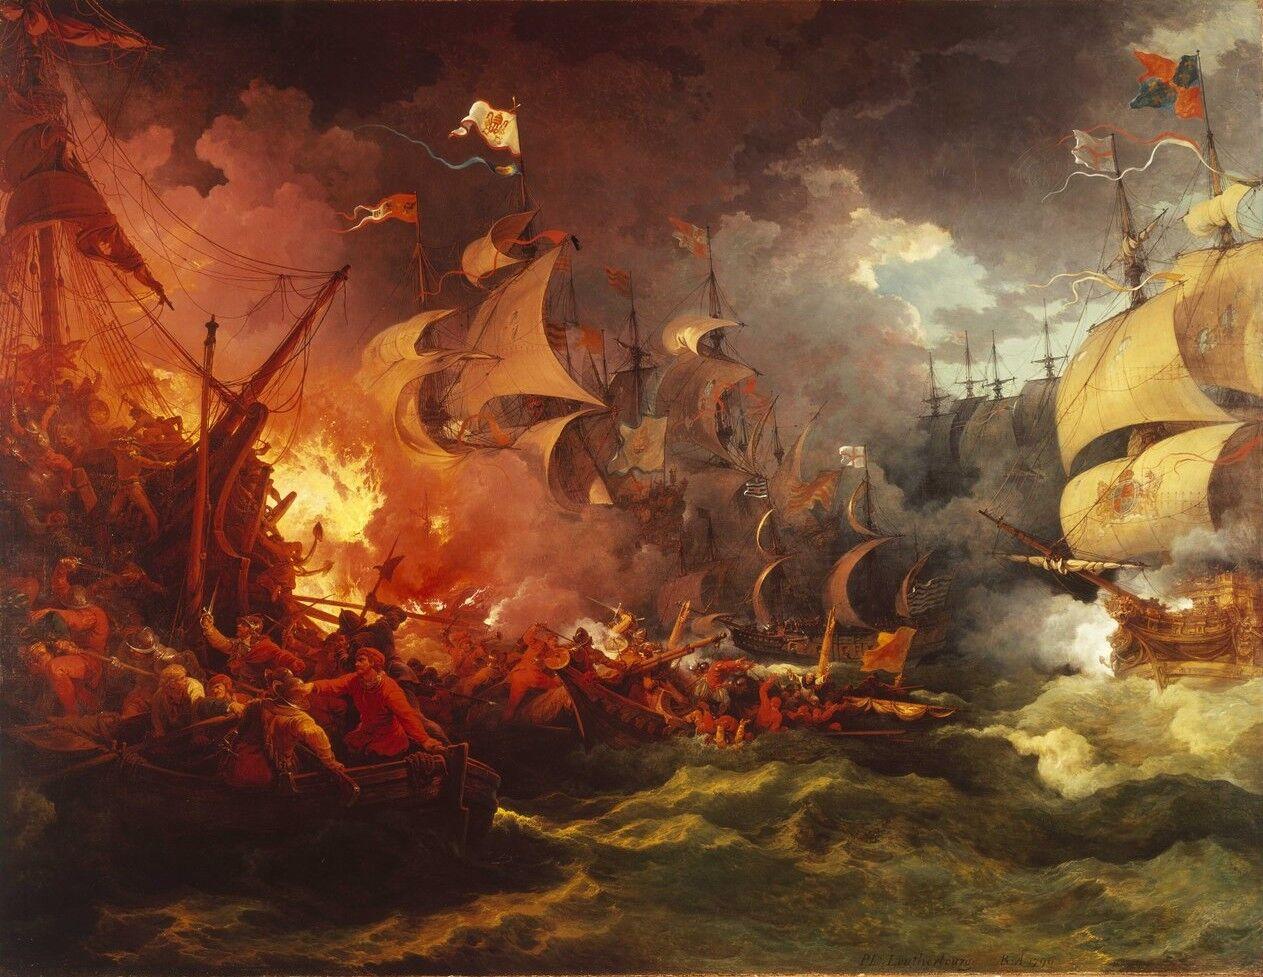 Un congreso enfrentará a la Armada española de 1588 y a la Contra Armada inglesa